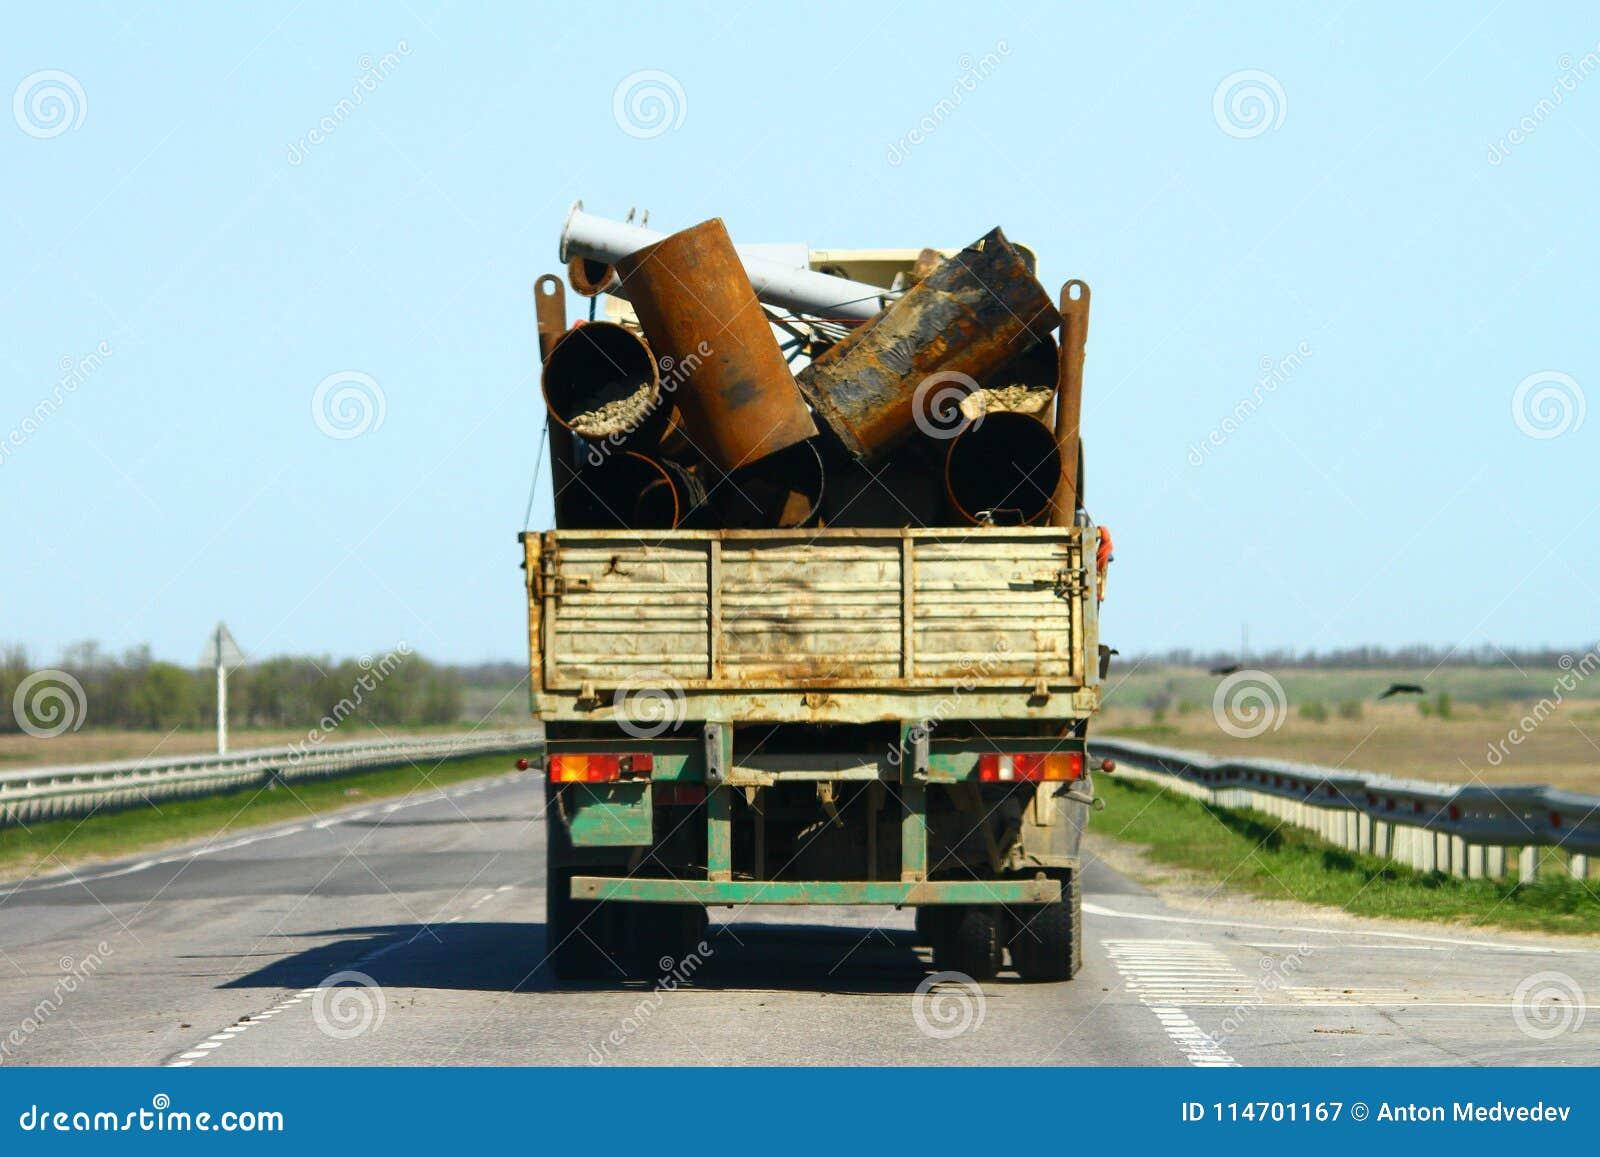 Απορρίματα στο φορτηγό, ατύχημα μεταφορών, επισφαλής μεταφορά της έννοιας μετάλλων